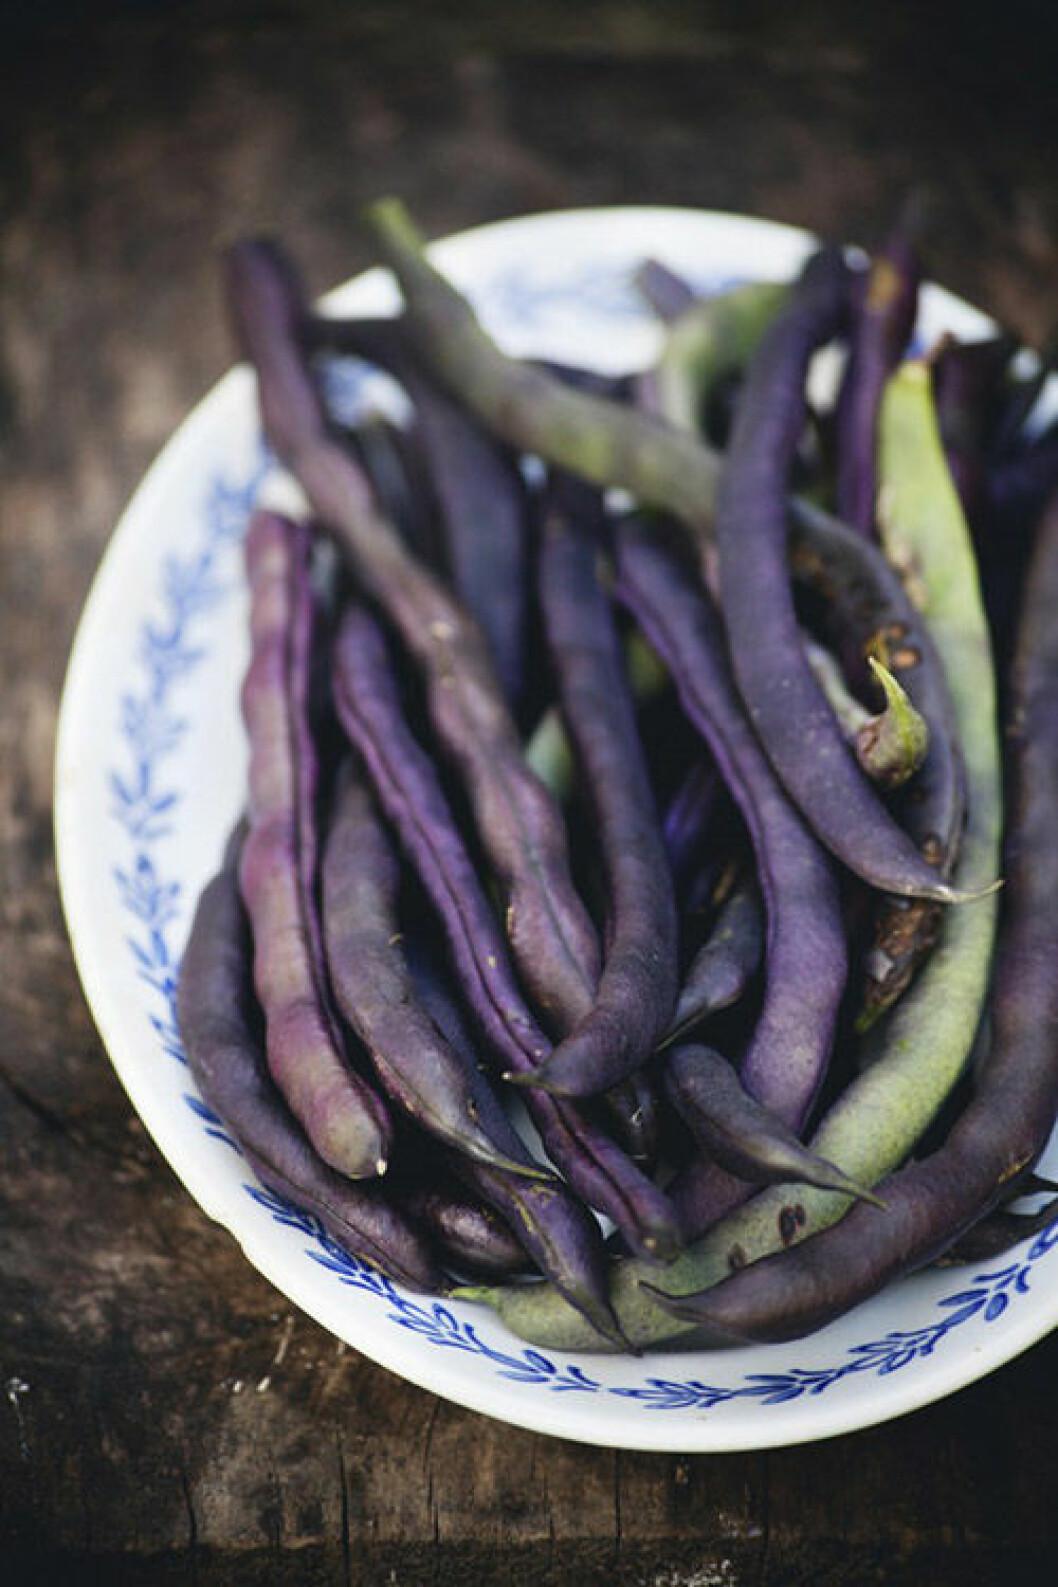 Odla enkla köksväxter som alla kan ha i sin trädgård.